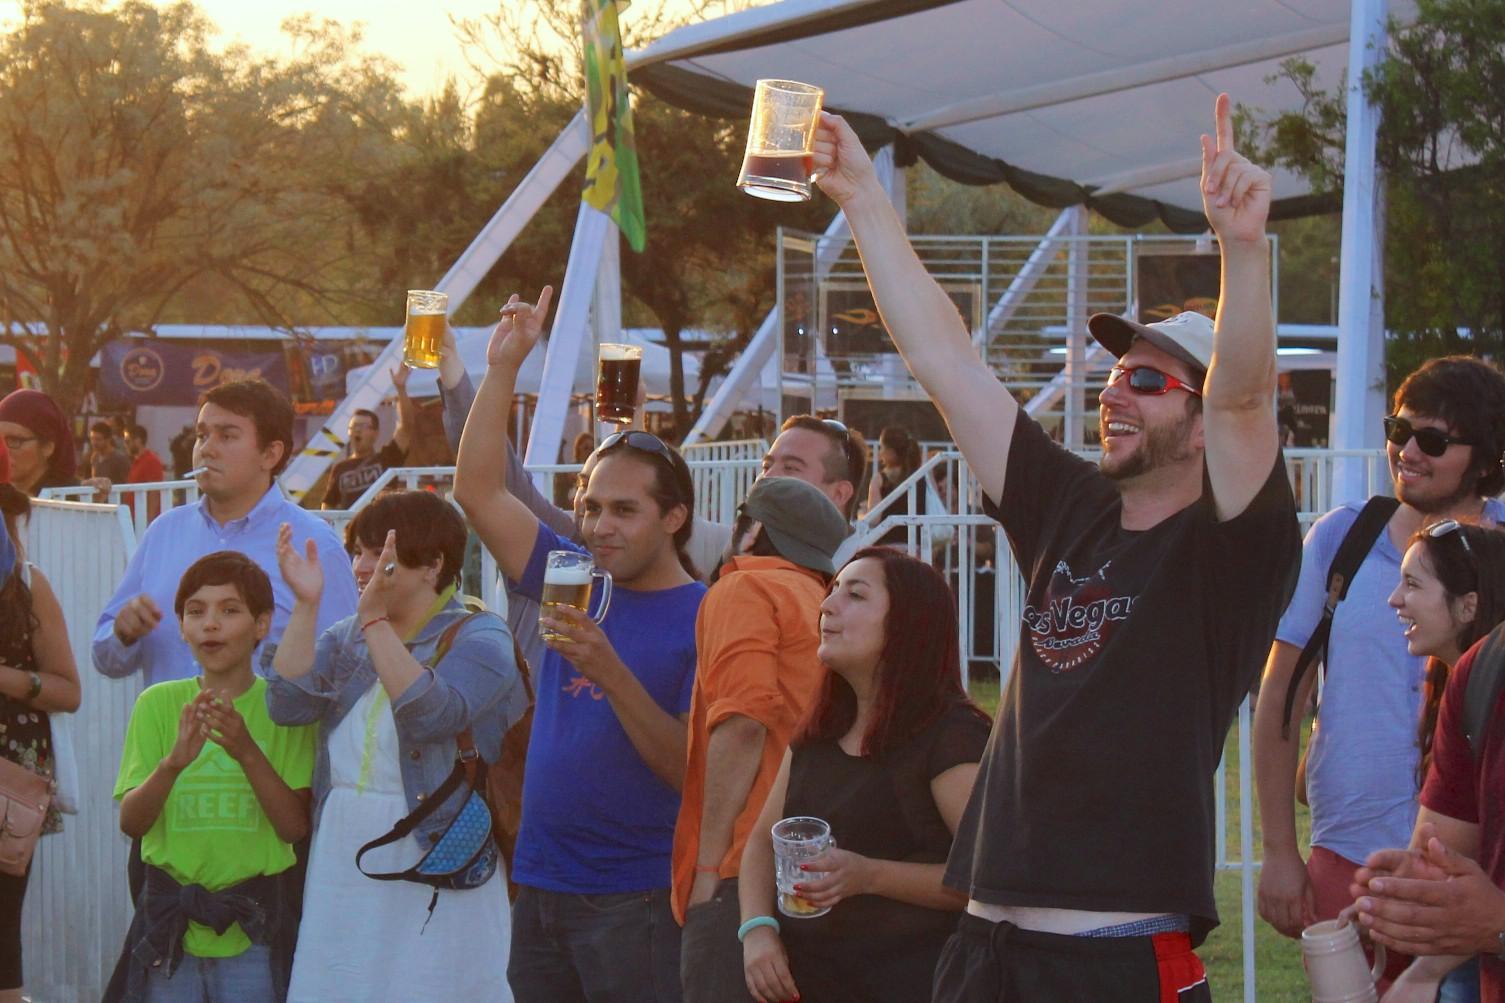 IX Bierfest Santiago se realizará del 2 al 4 de febrero con más 150 variedades de cerveza